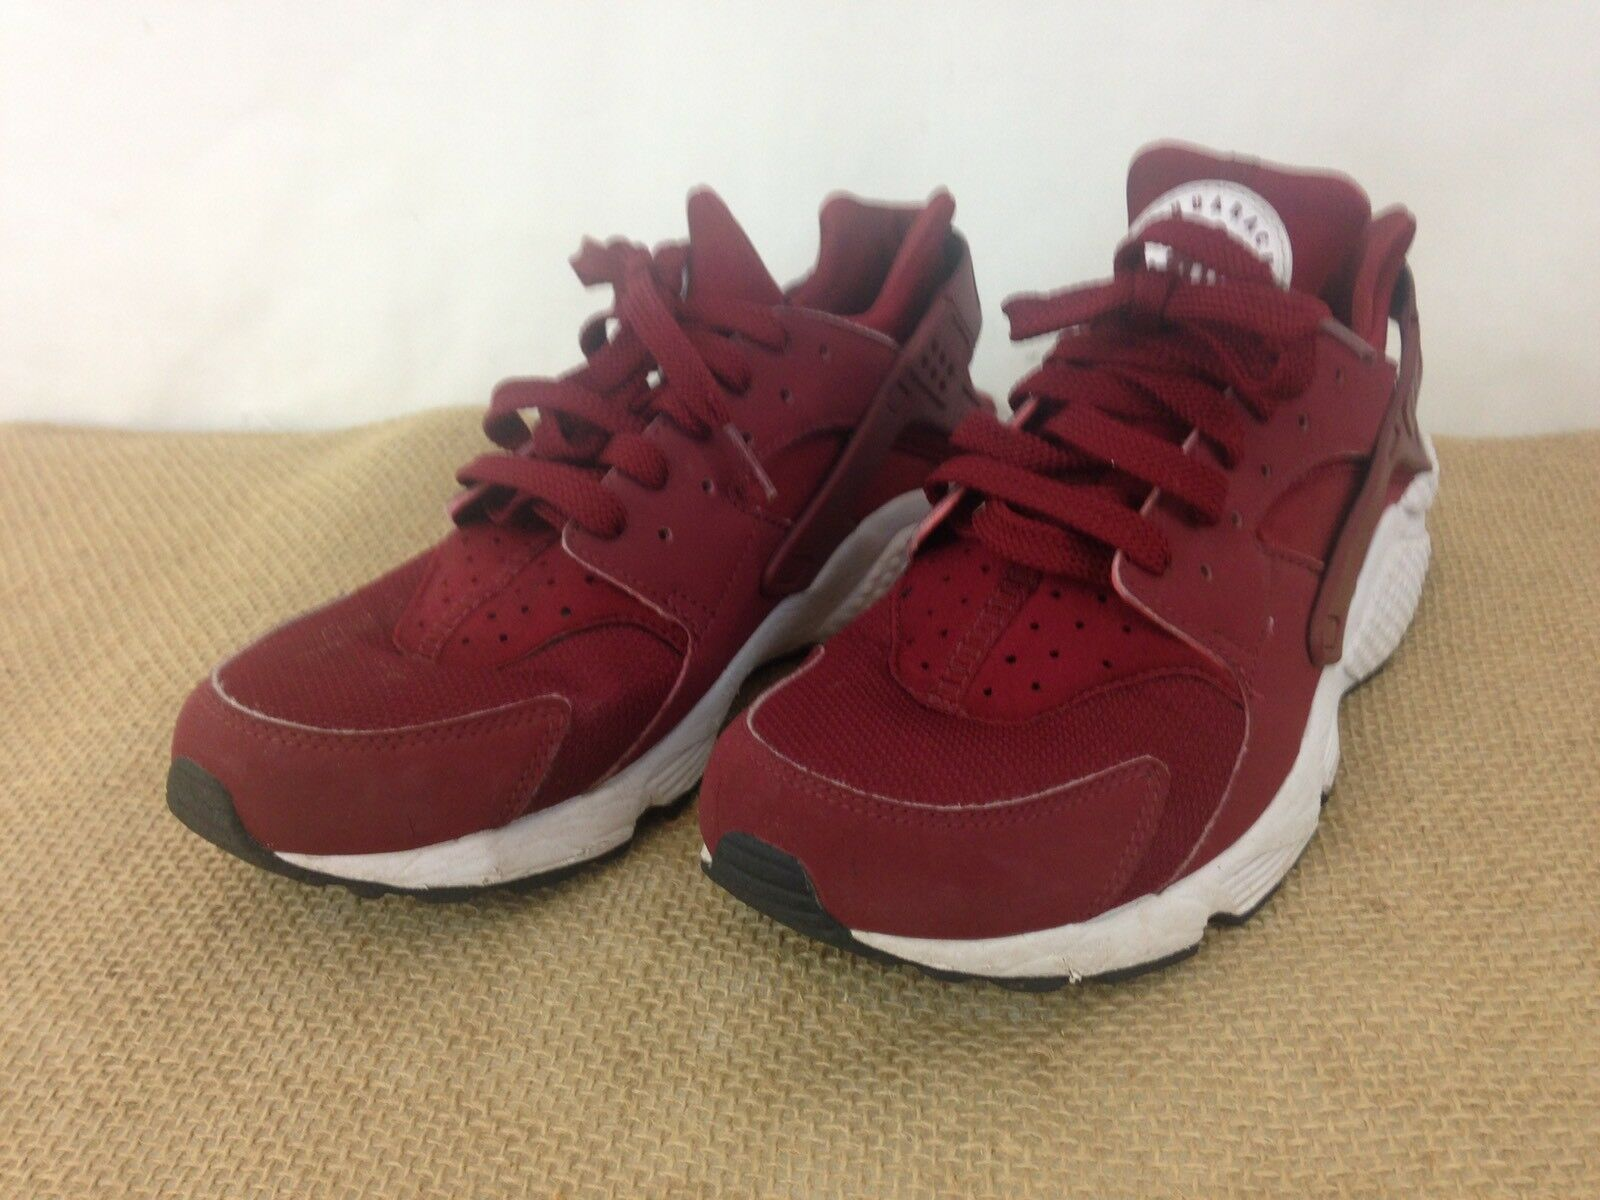 Nike Air hurache Run 318429 hombre zapatillas 10 equipo rojo running zapatillas hombre zapatos 5007bd